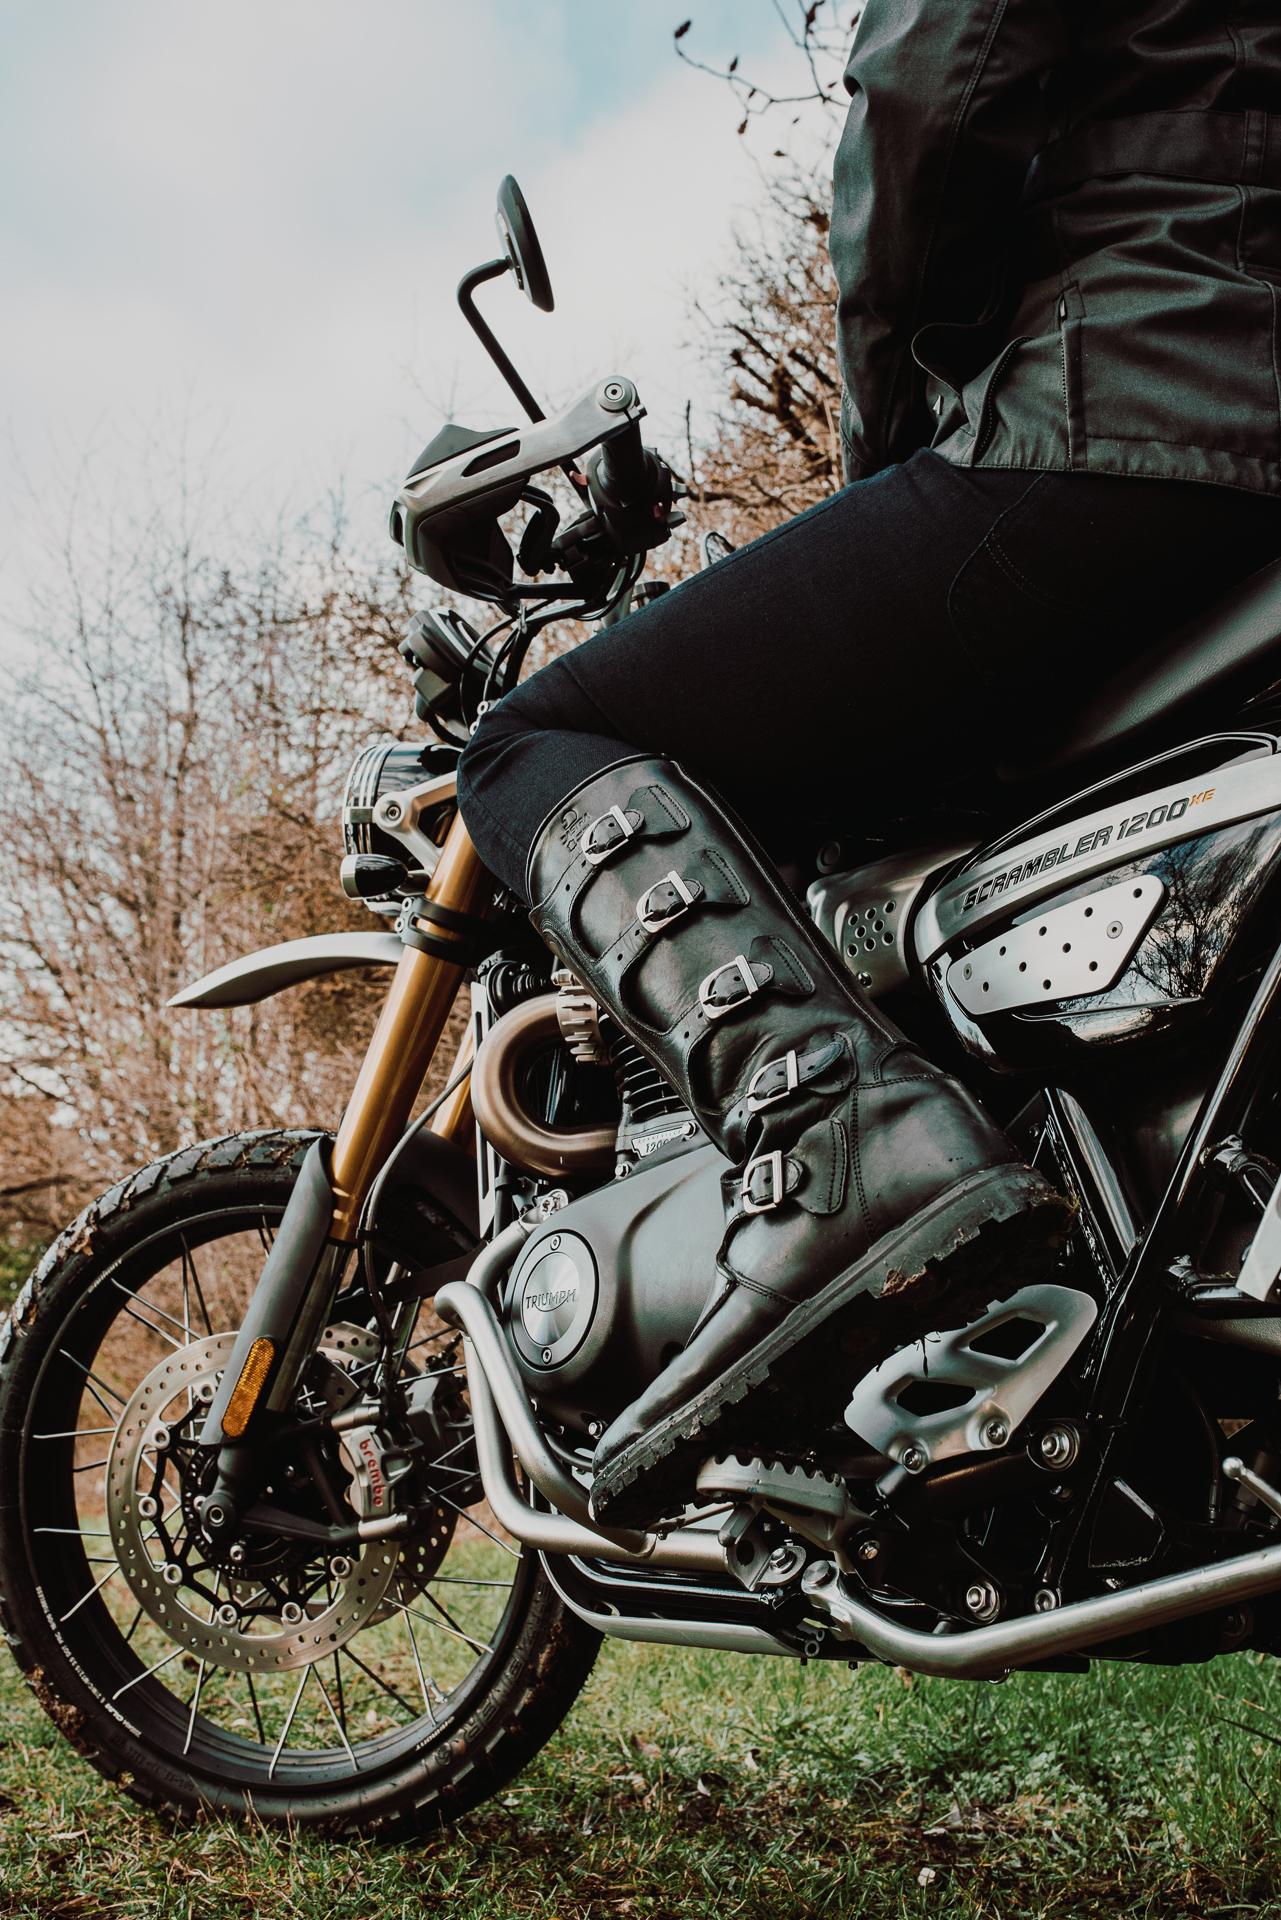 dastra motoculture bottes moto vintage neo racer cafe racer scrambler